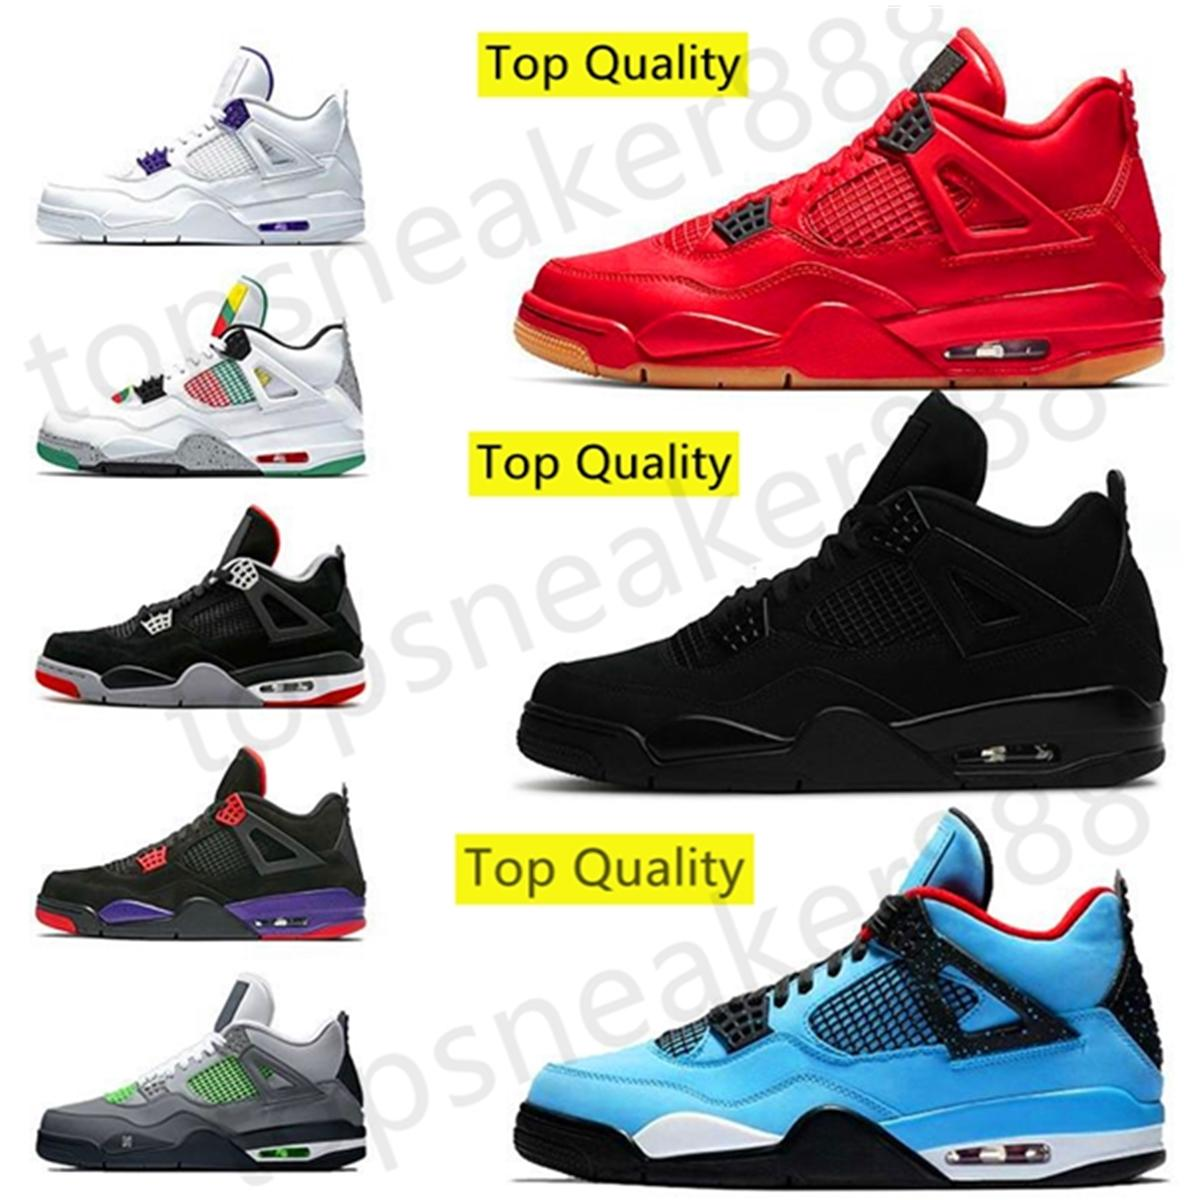 أعلى جودة 2020 أحذية كرة السلة للرجال OG 4S أحذية عالية ترافيس سكوتس UNC الأبيض Cemen jumpman رجل إمرأة حذاء رياضة الرياضية